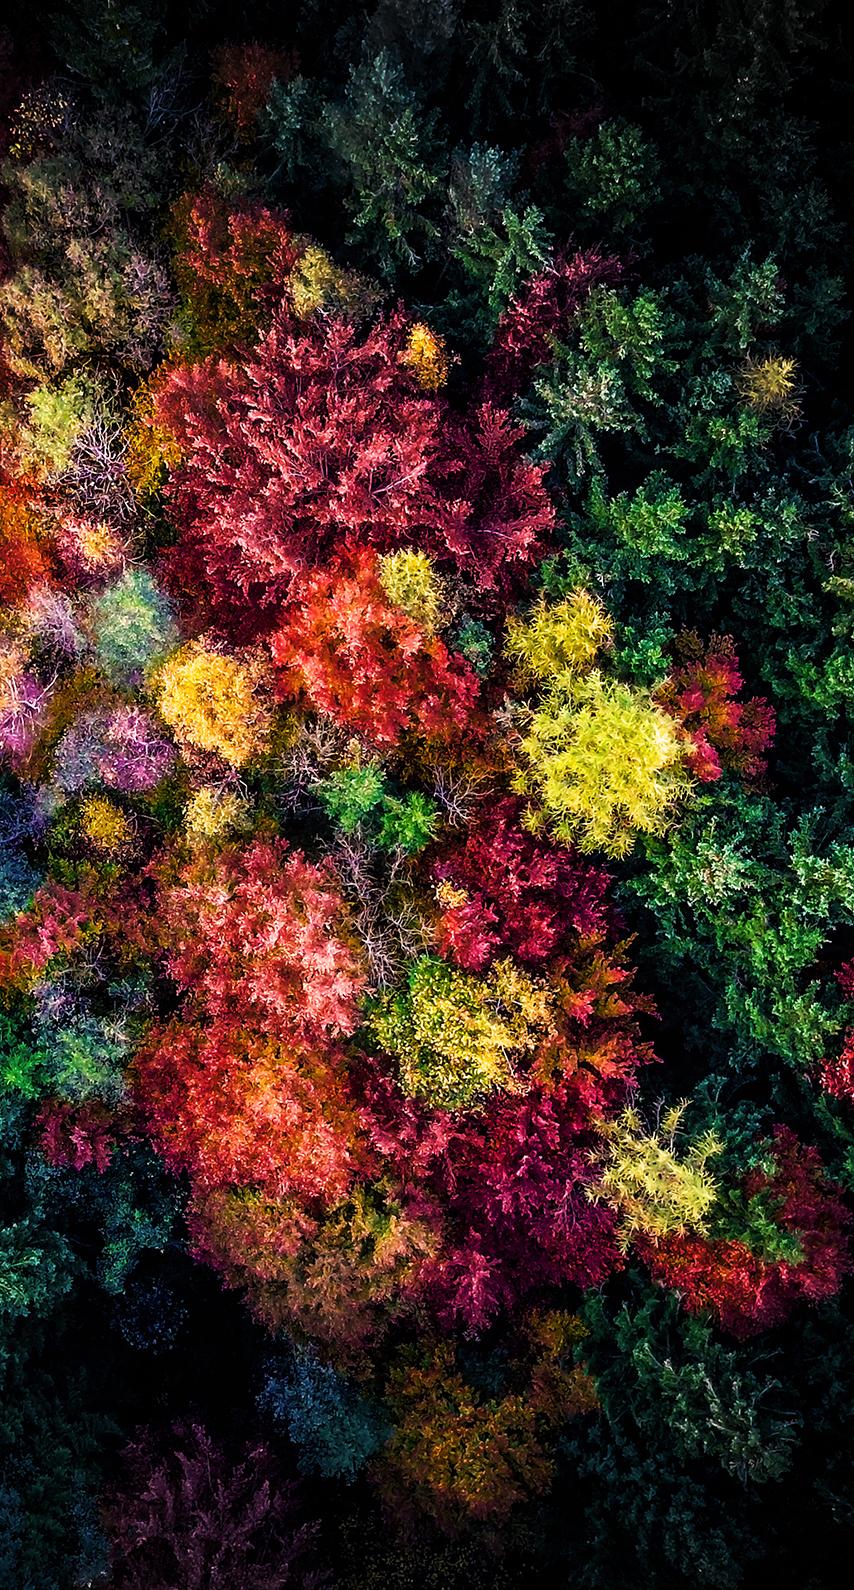 fractal art, organism